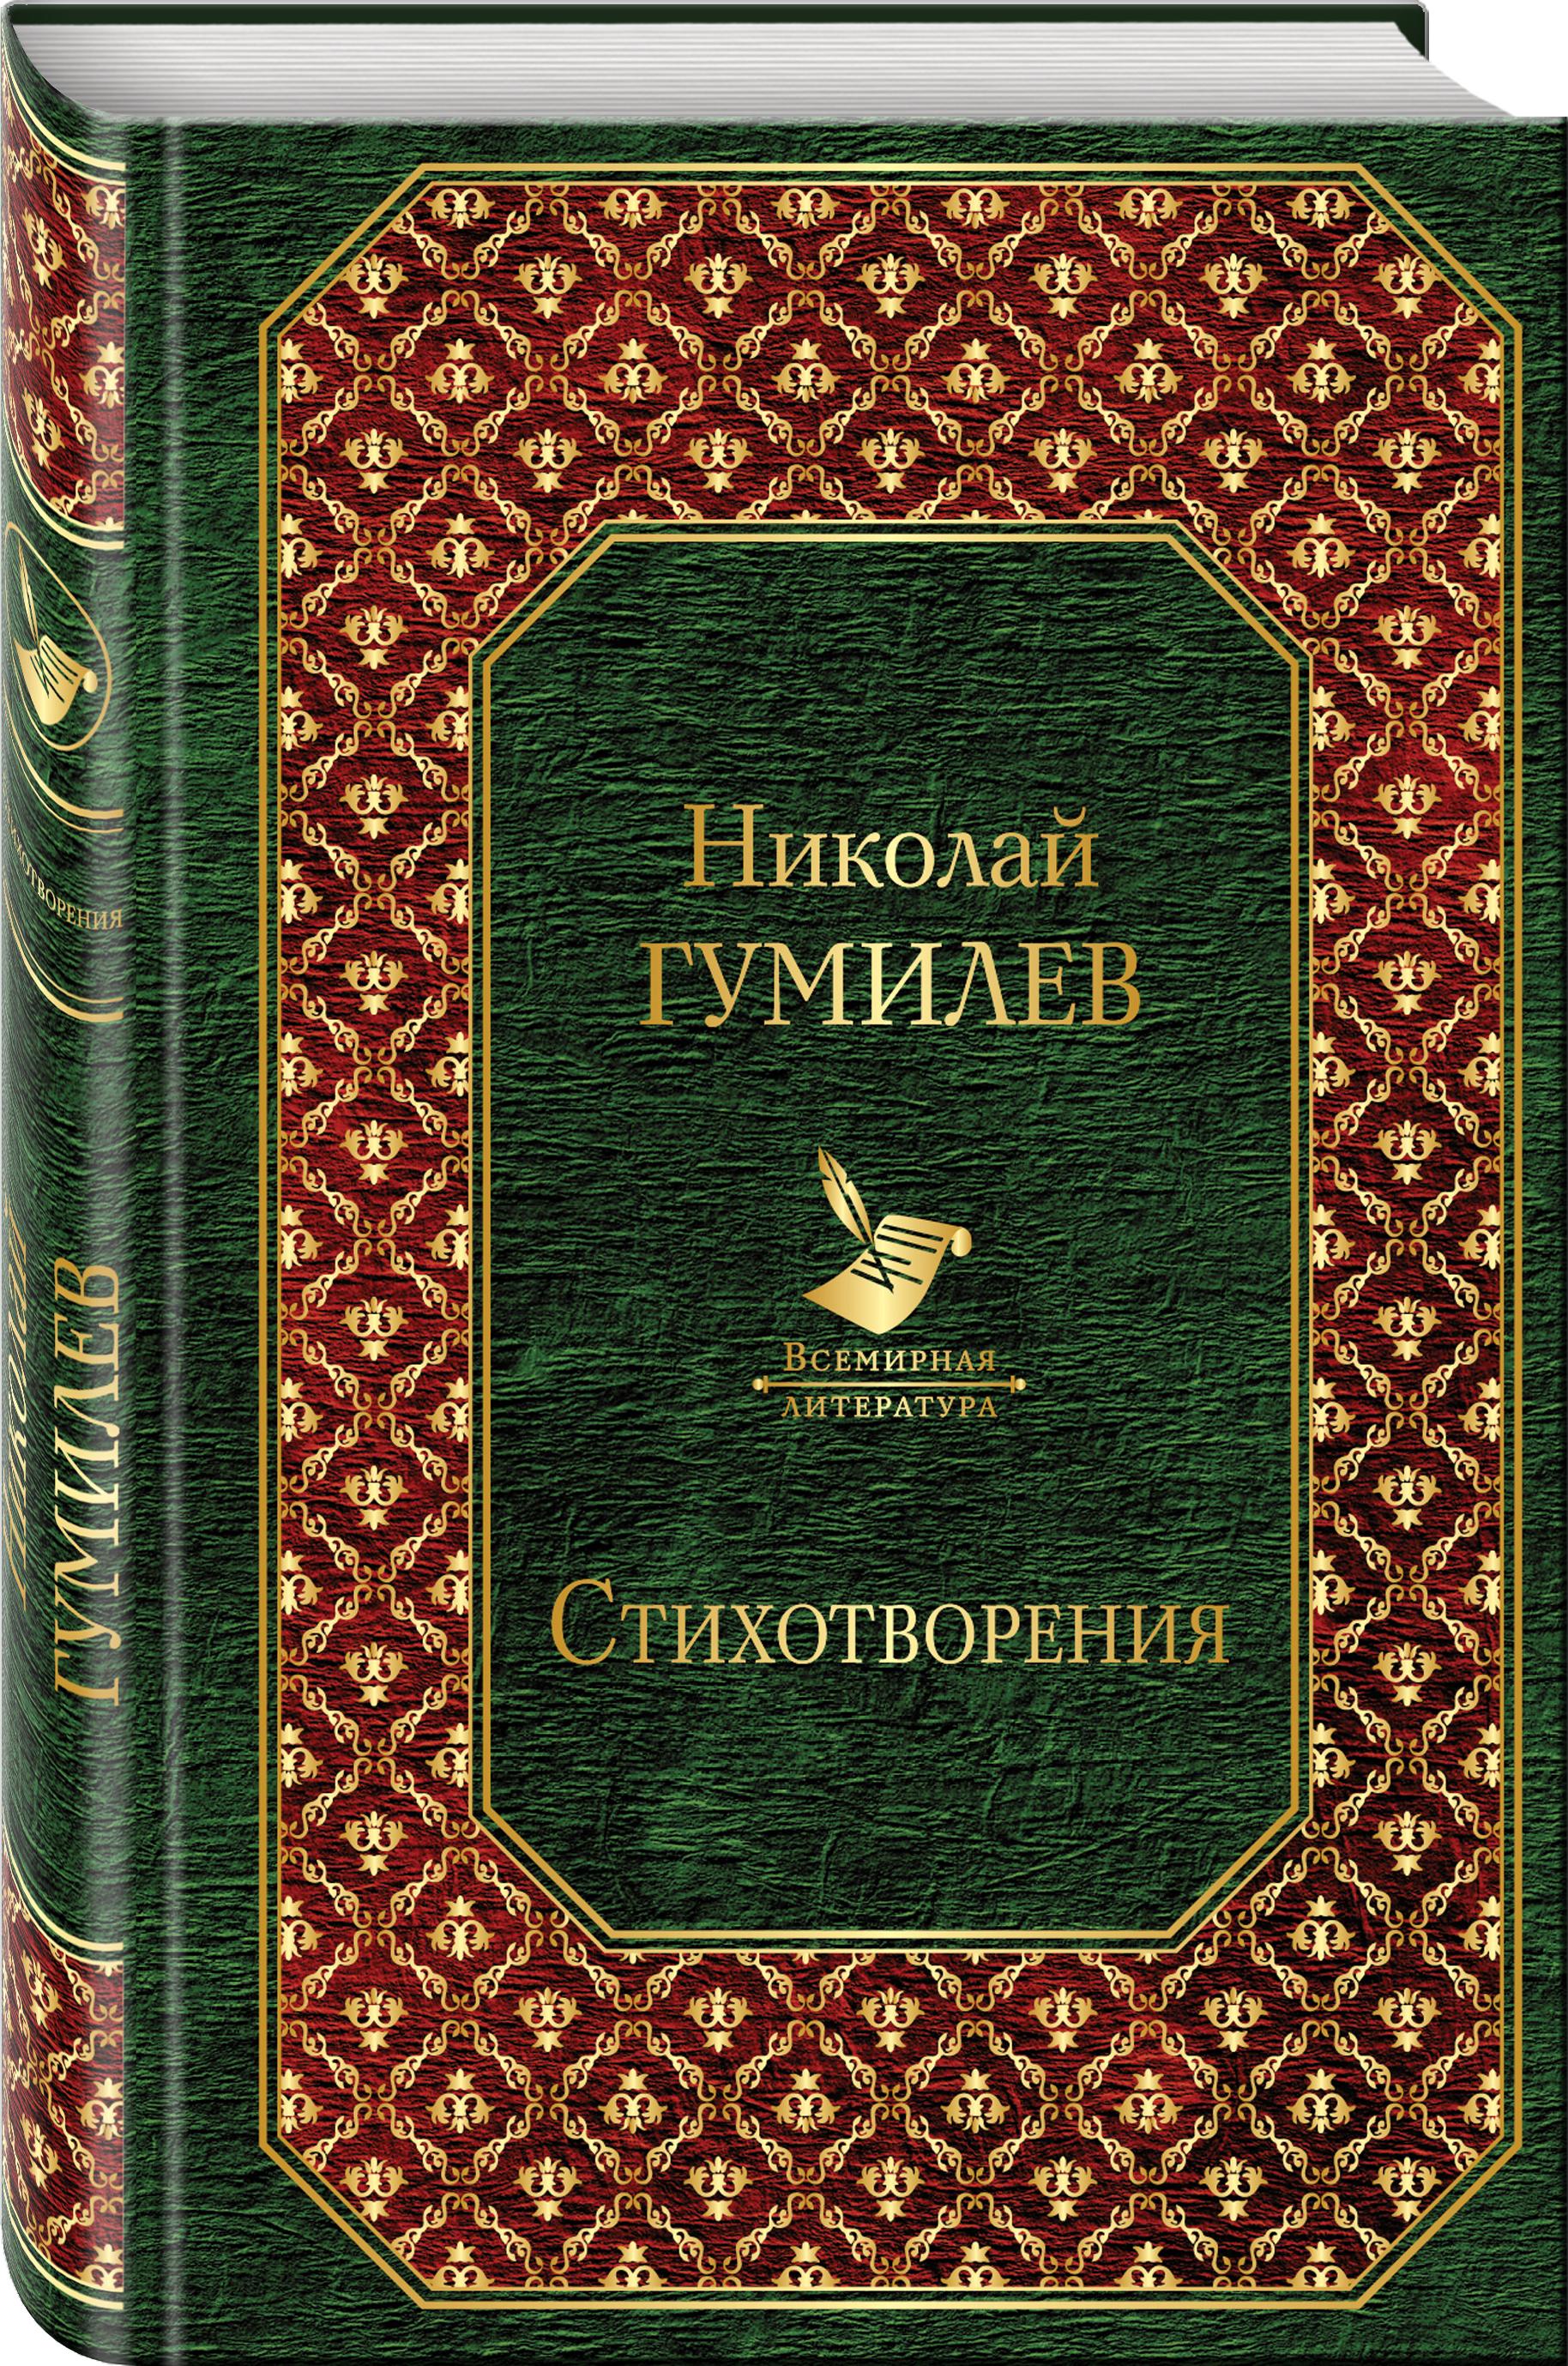 Стихотворения ( Гумилев Николай Степанович  )